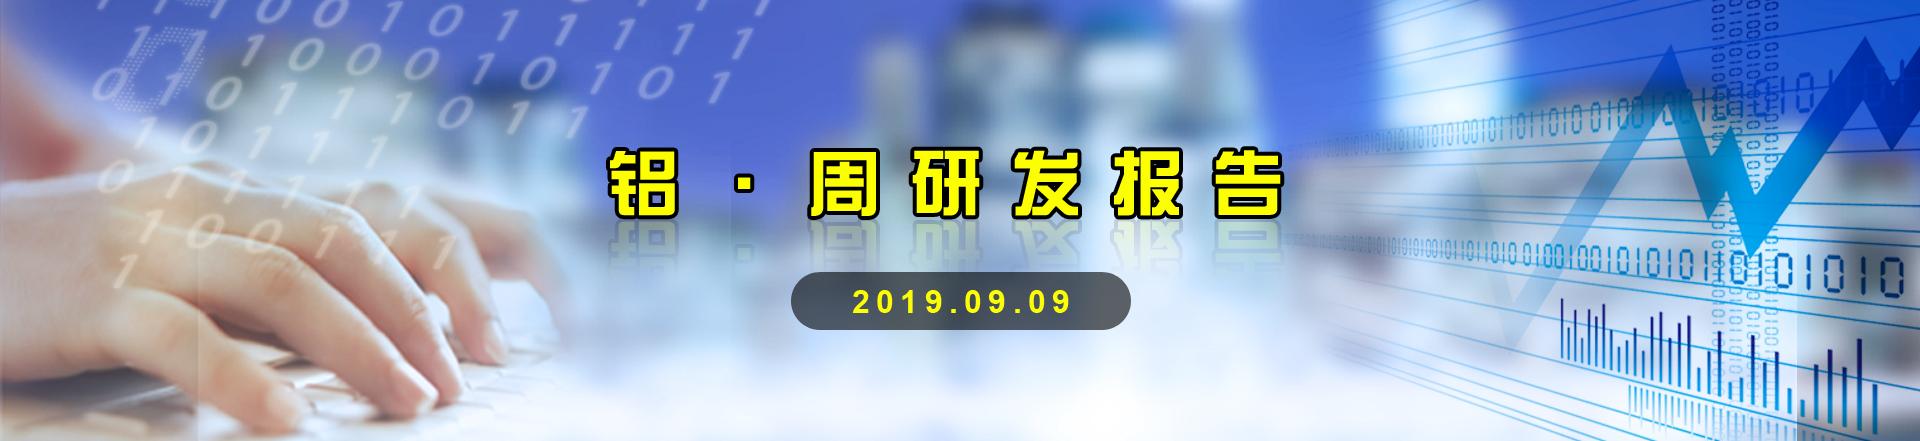 【铝】铝·周研发报告集锦 20190909